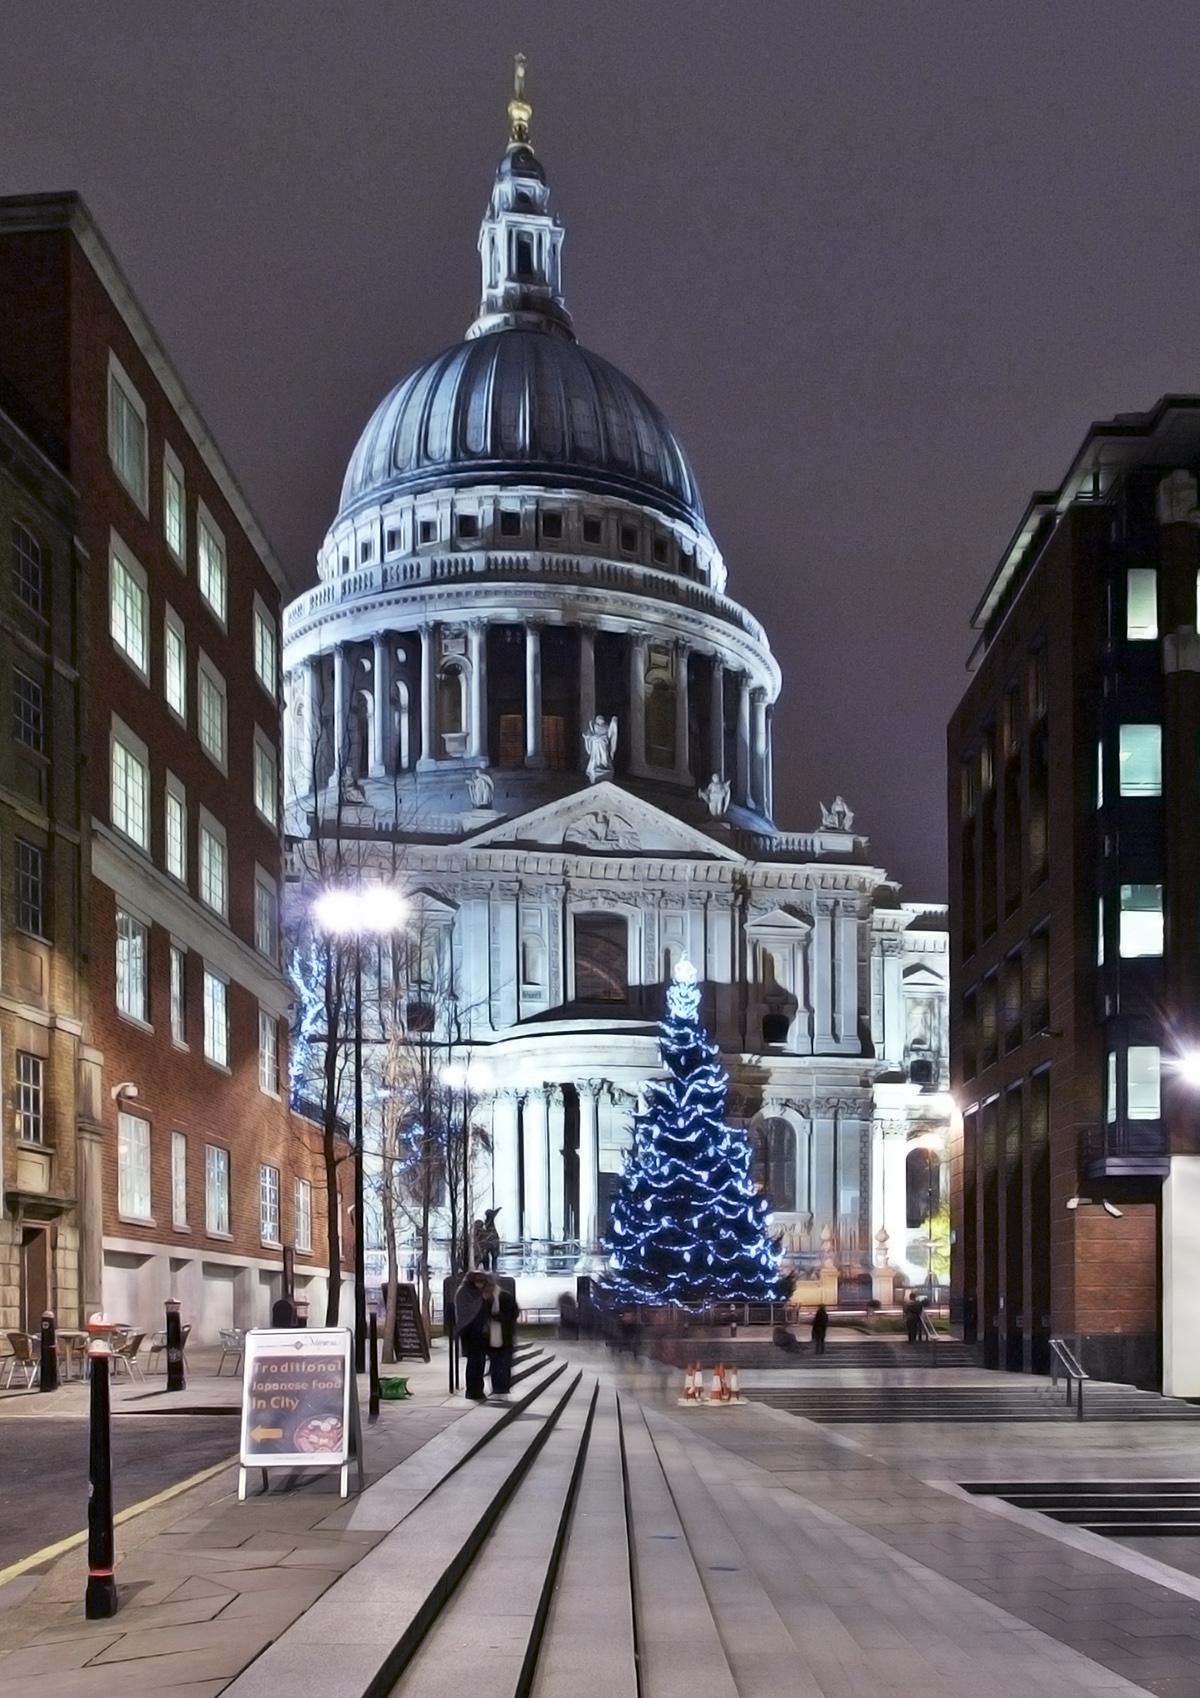 Рождество в Лондоне. Рождественская елка у Собора святого Павла